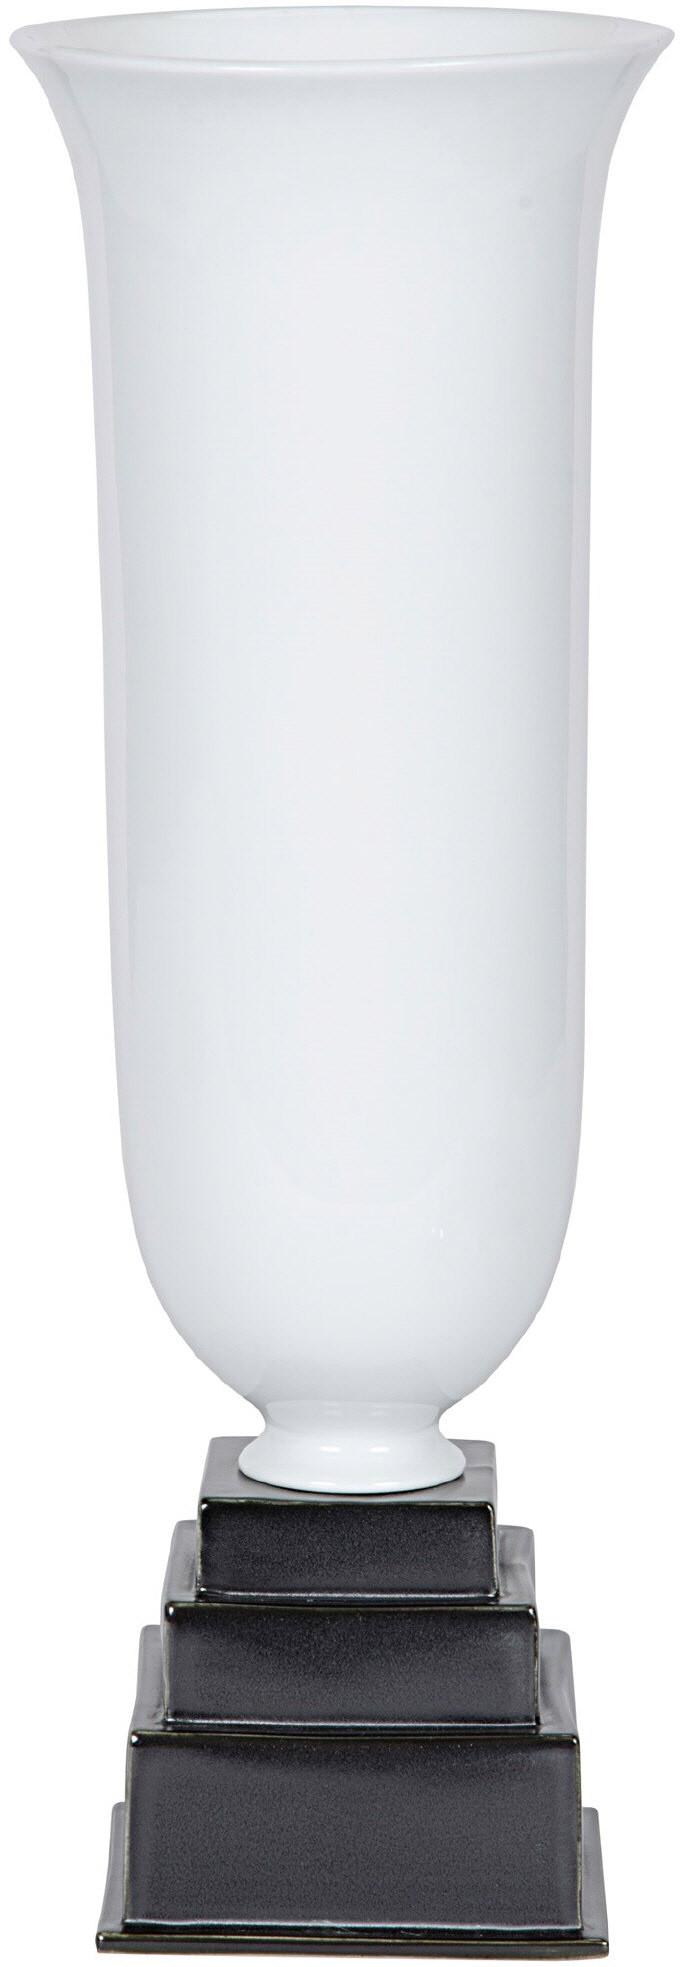 large italian ceramic vases of accessories page 17 eclectic home regarding italian vase